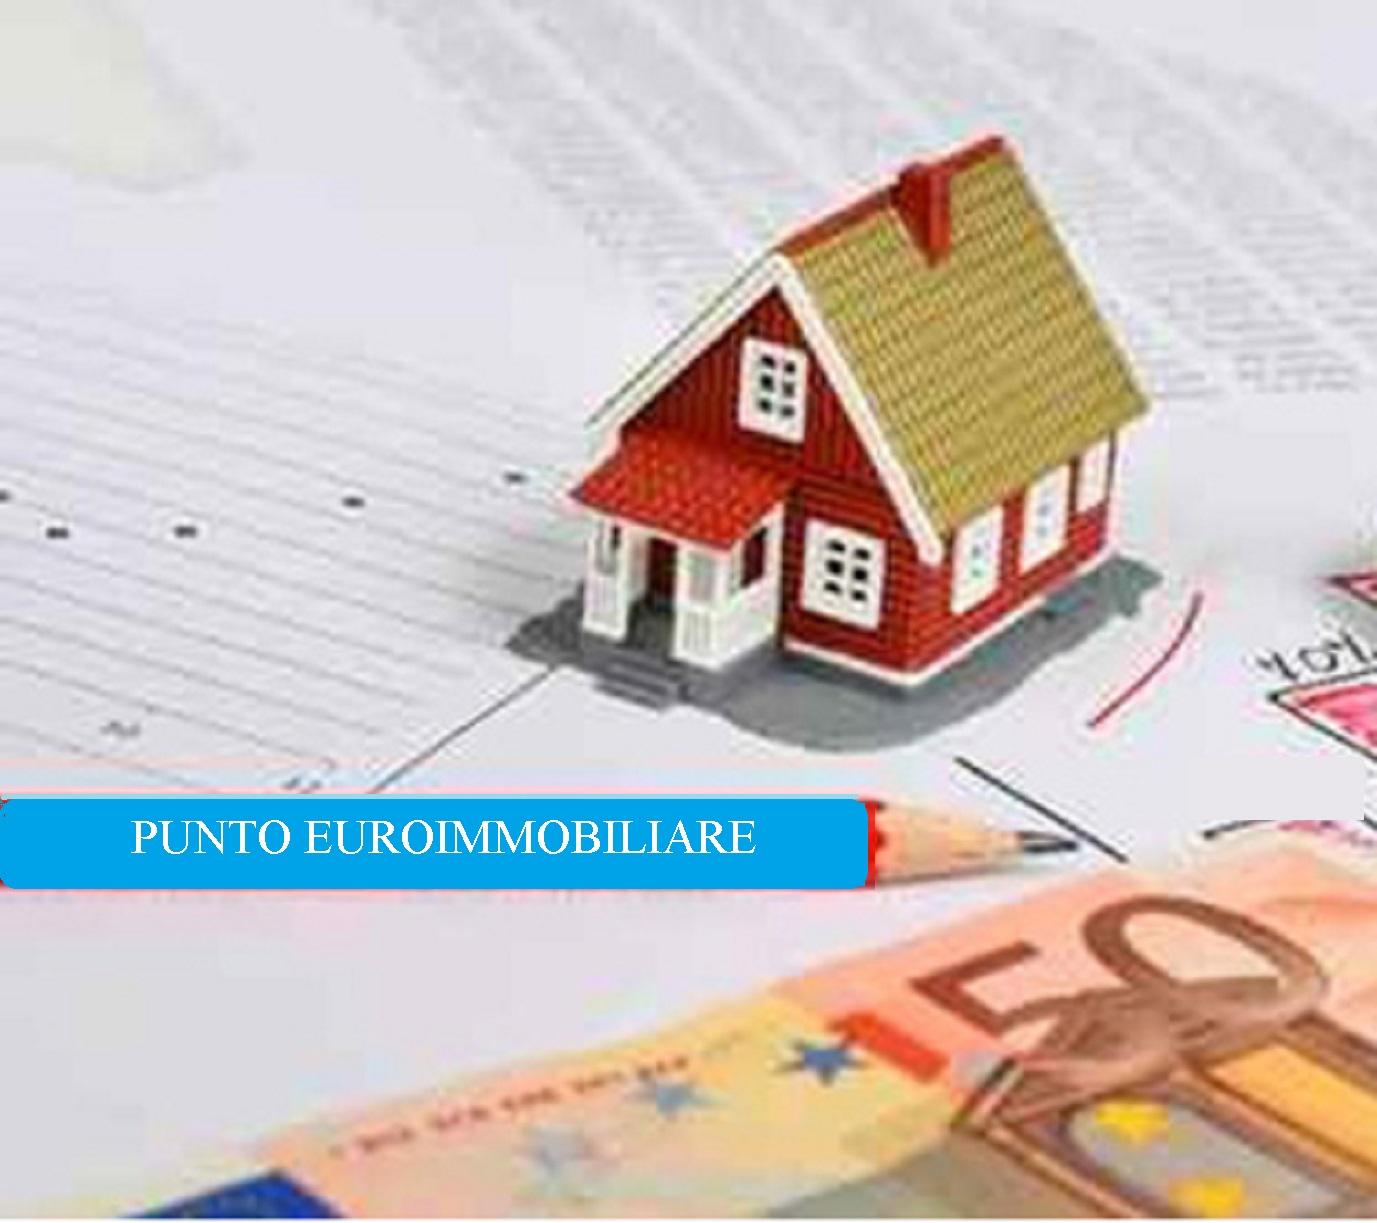 Agevolazione prima casa e prezzo valore ag immobiliare puntoeuroimmobiliare - Agevolazione acquisto prima casa ...